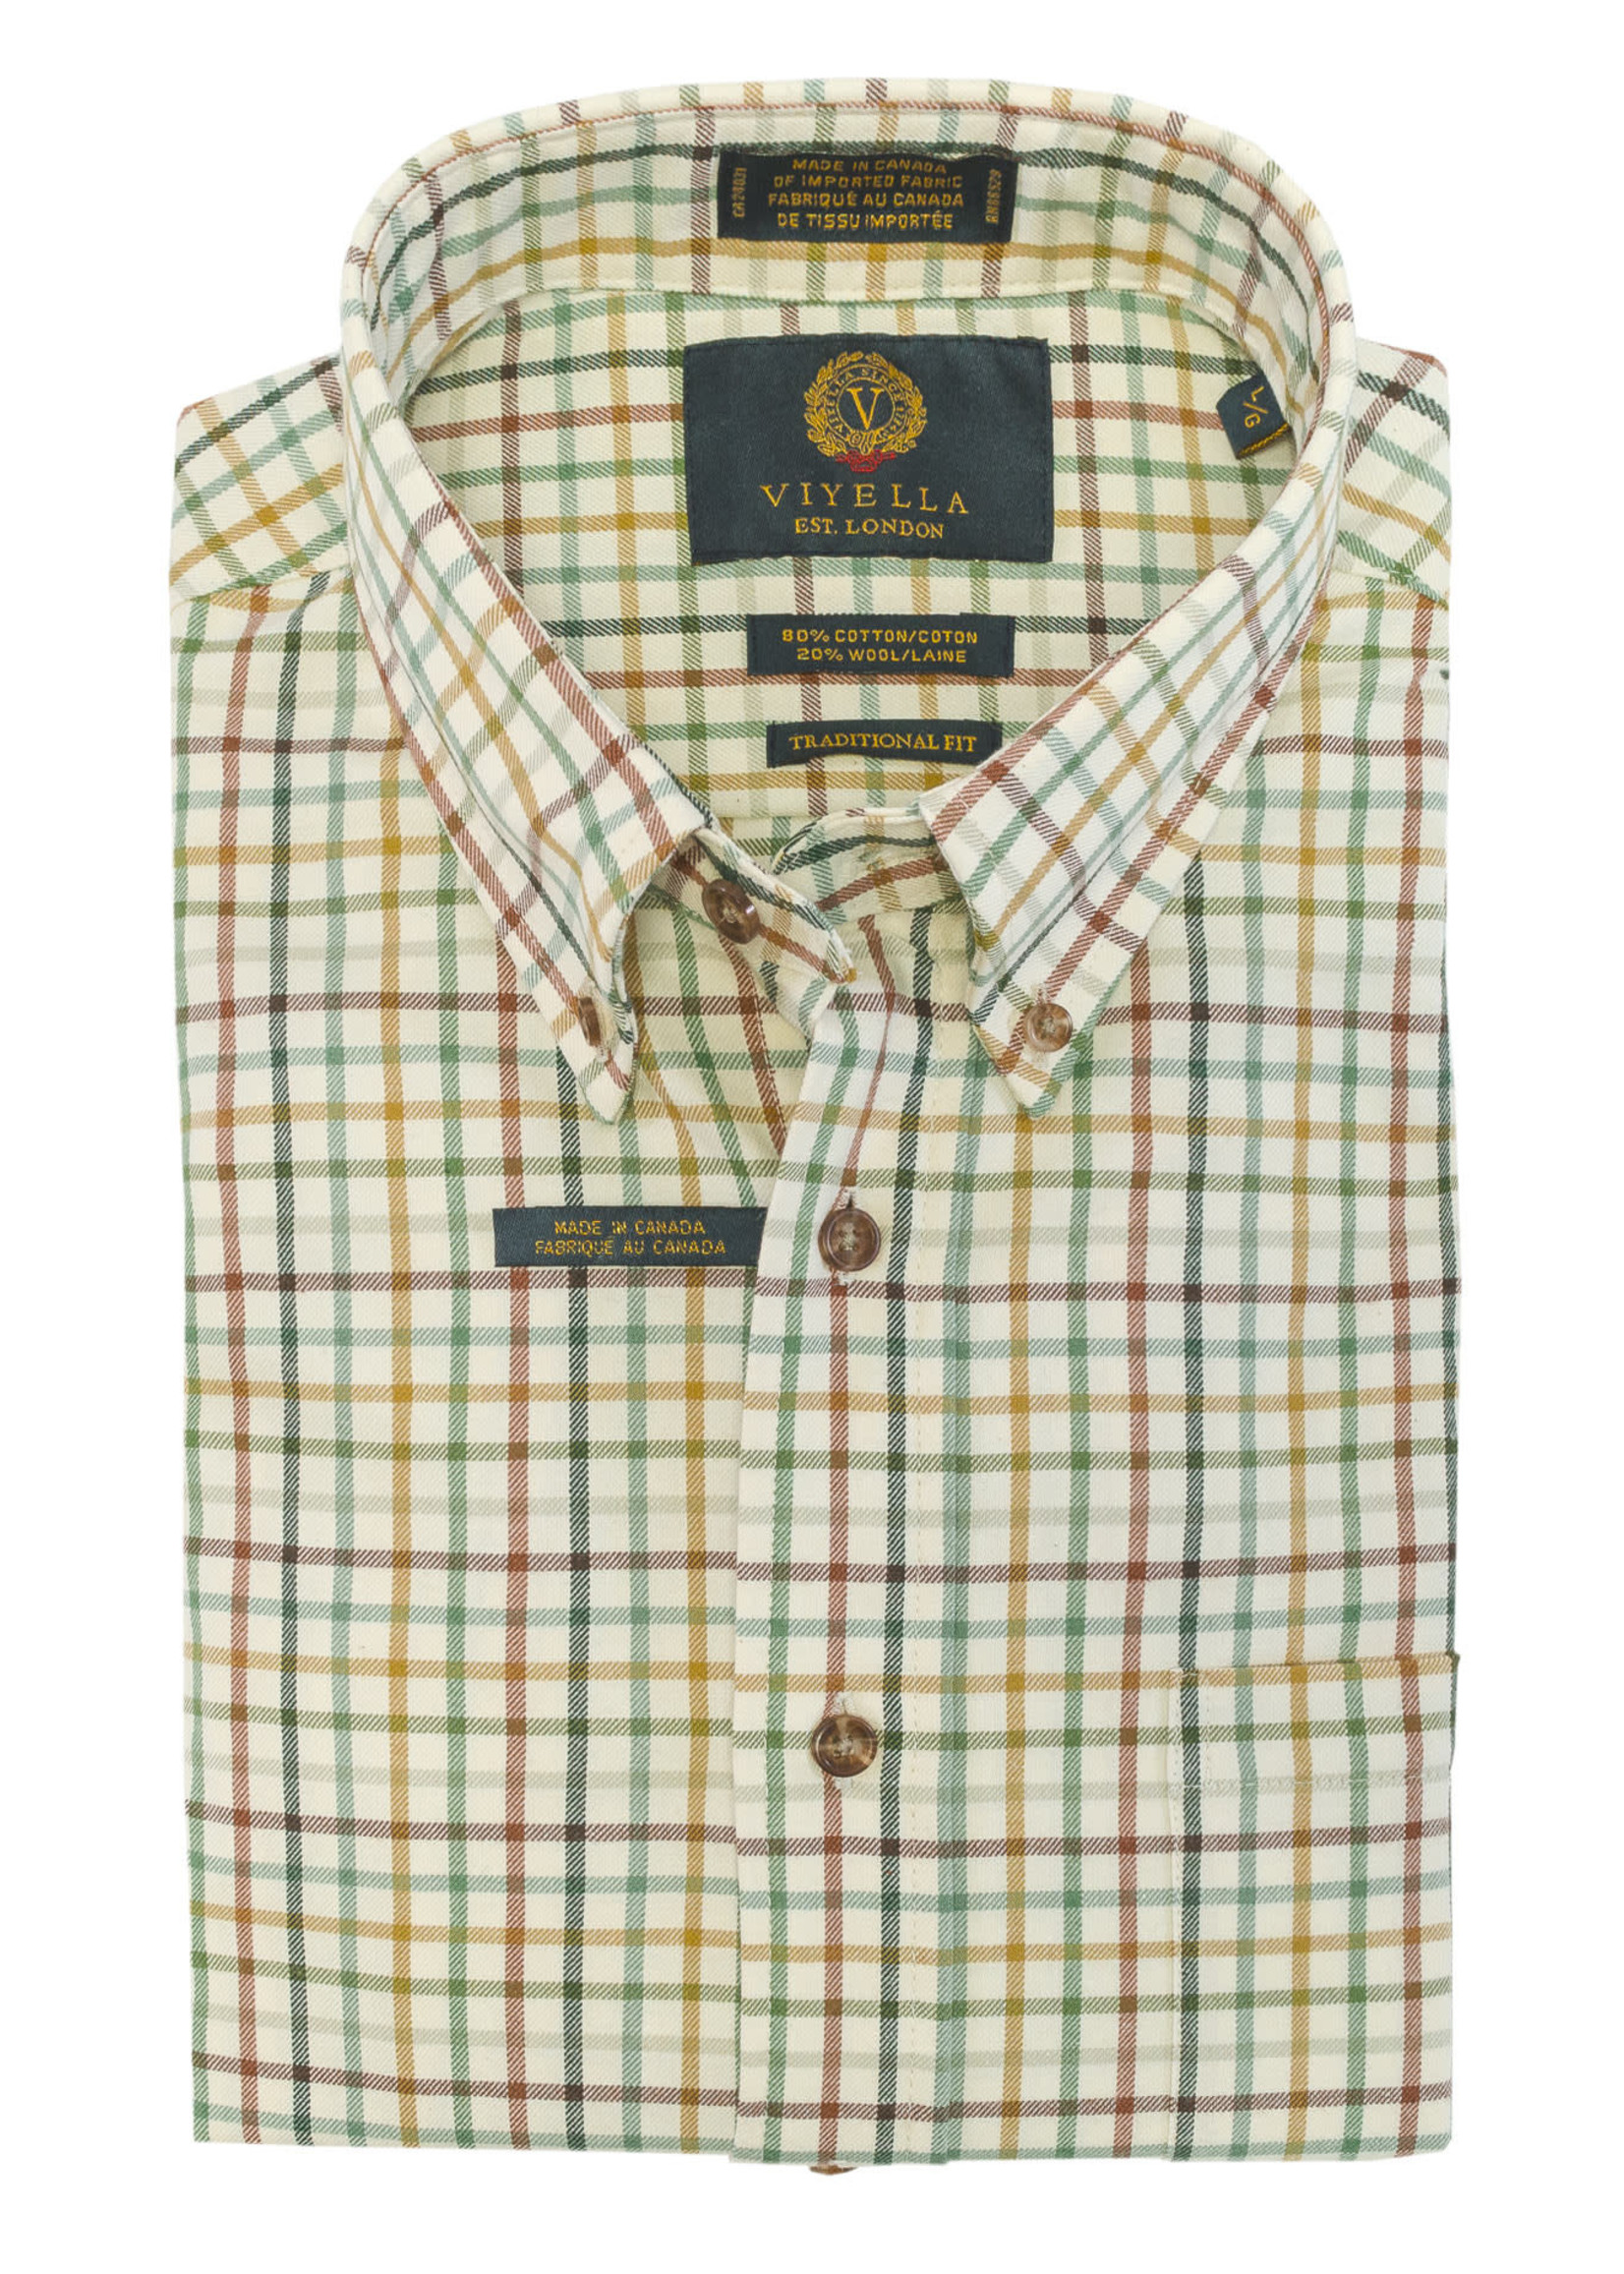 Viyella Check Plaid Shirt